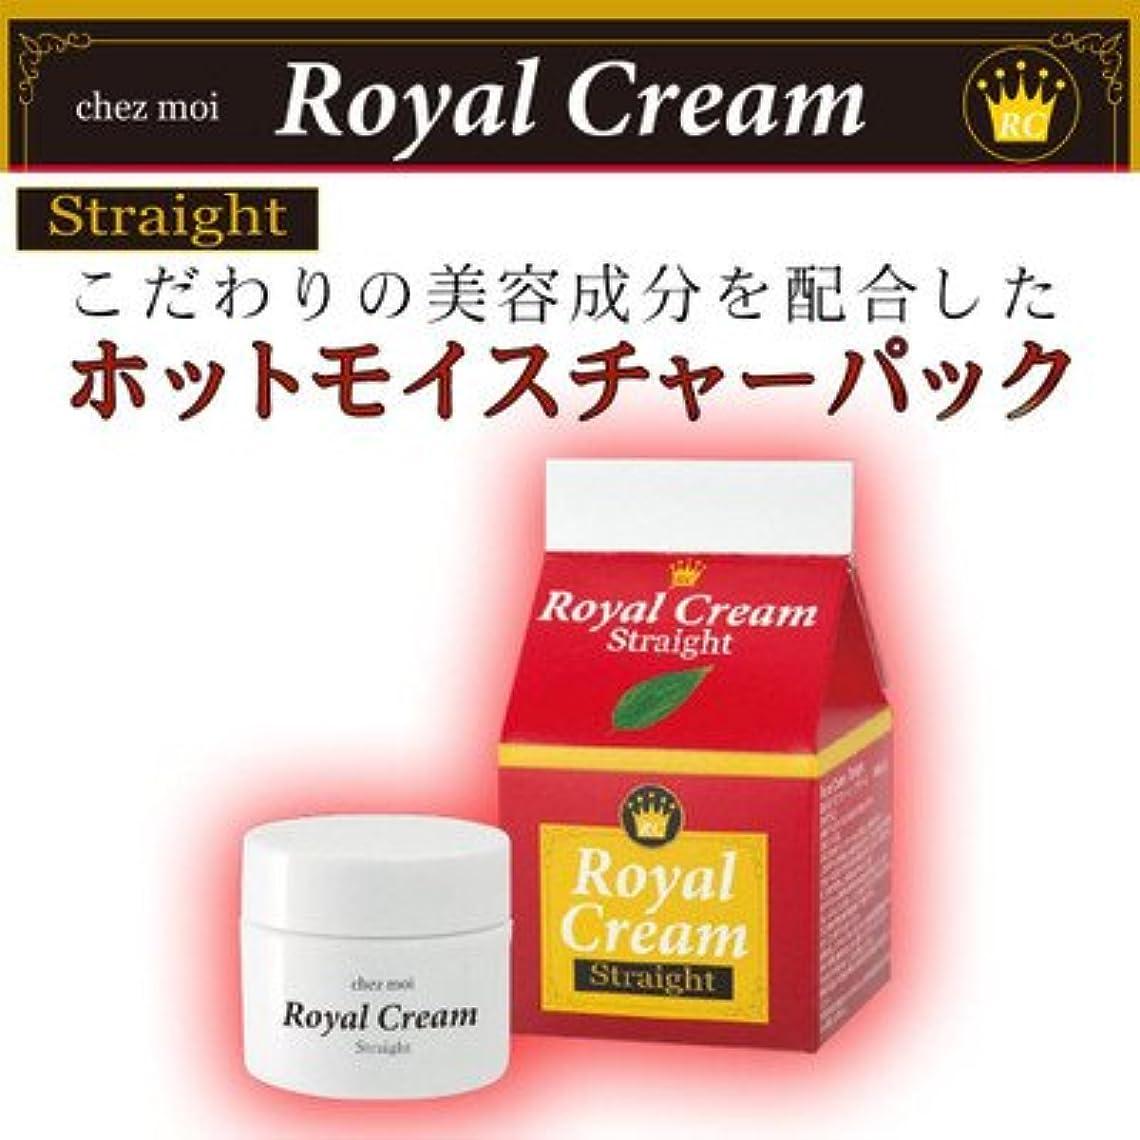 手段医学芽99%以上植物由来美容成分配合の 温感保湿パック Royal Cream ロイヤルクリーム Straight ストレート モイスチャーパック 30g